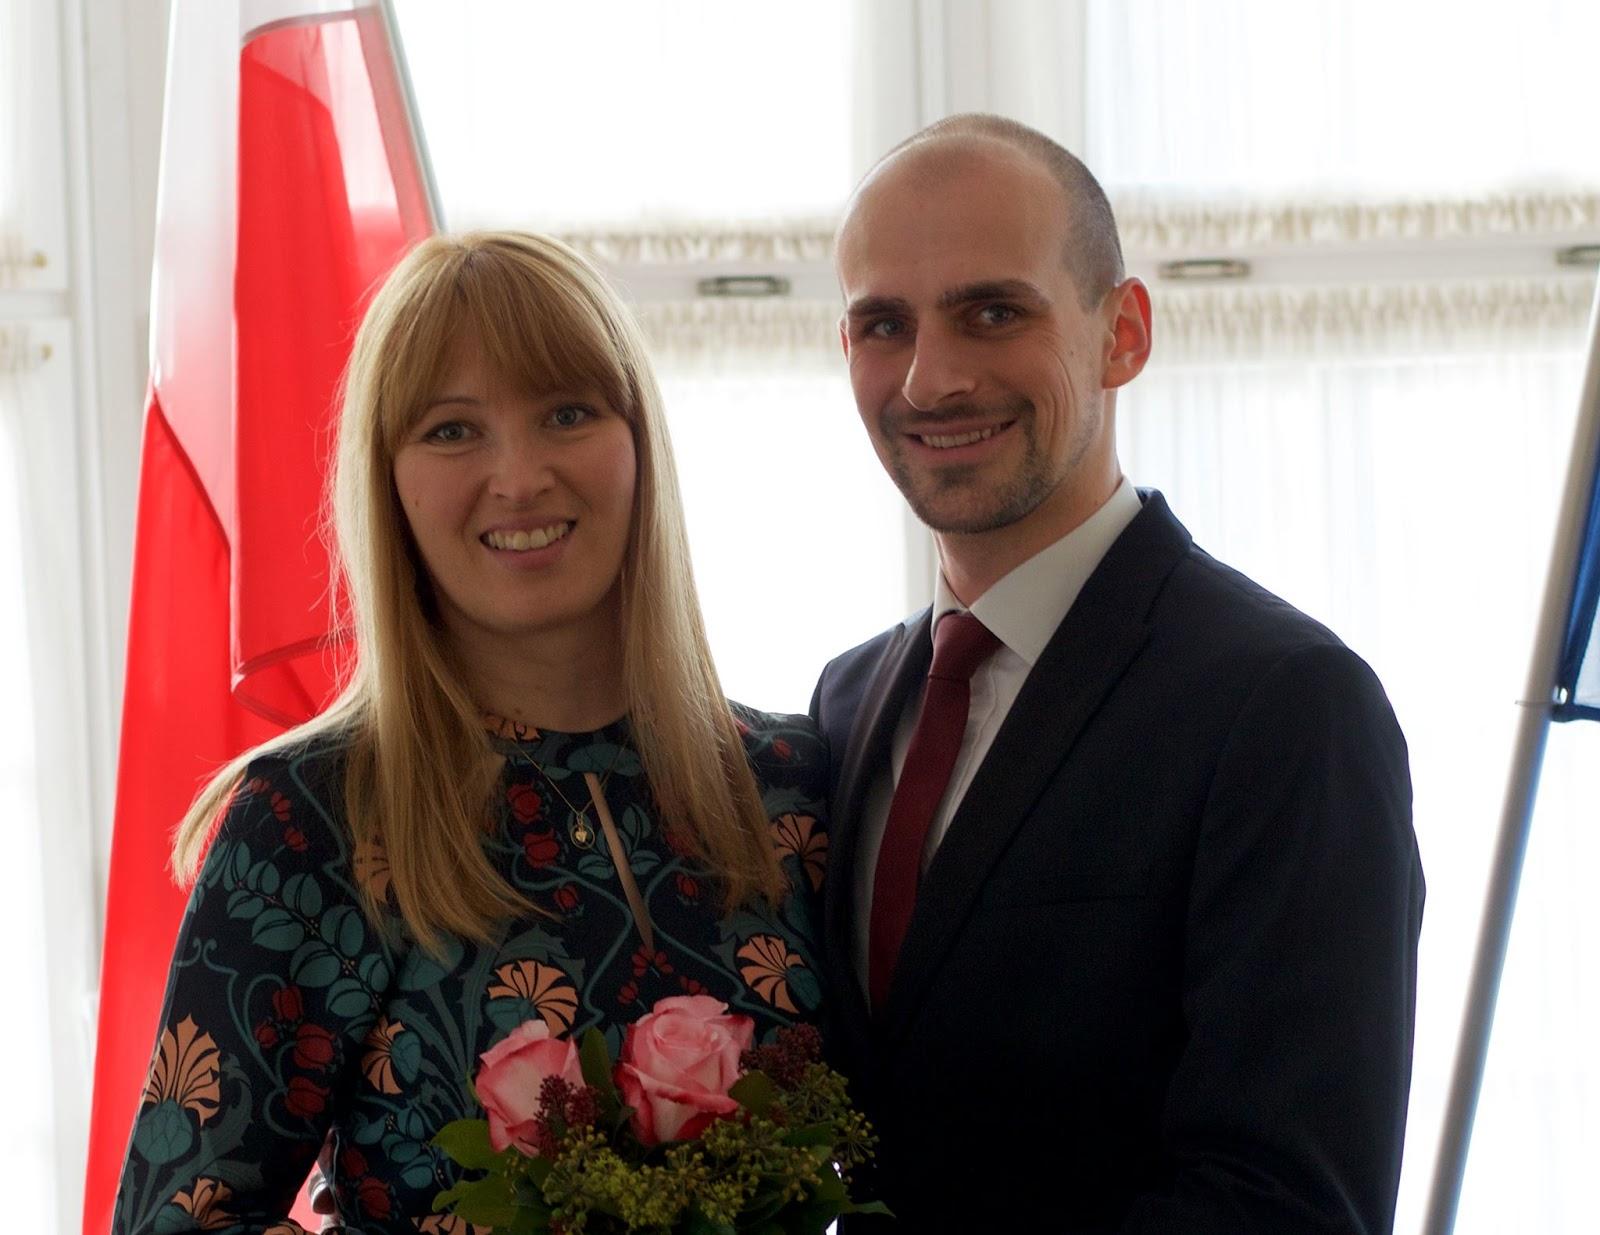 Ślub w Konsulacie RP, czyli karuzela absurdu